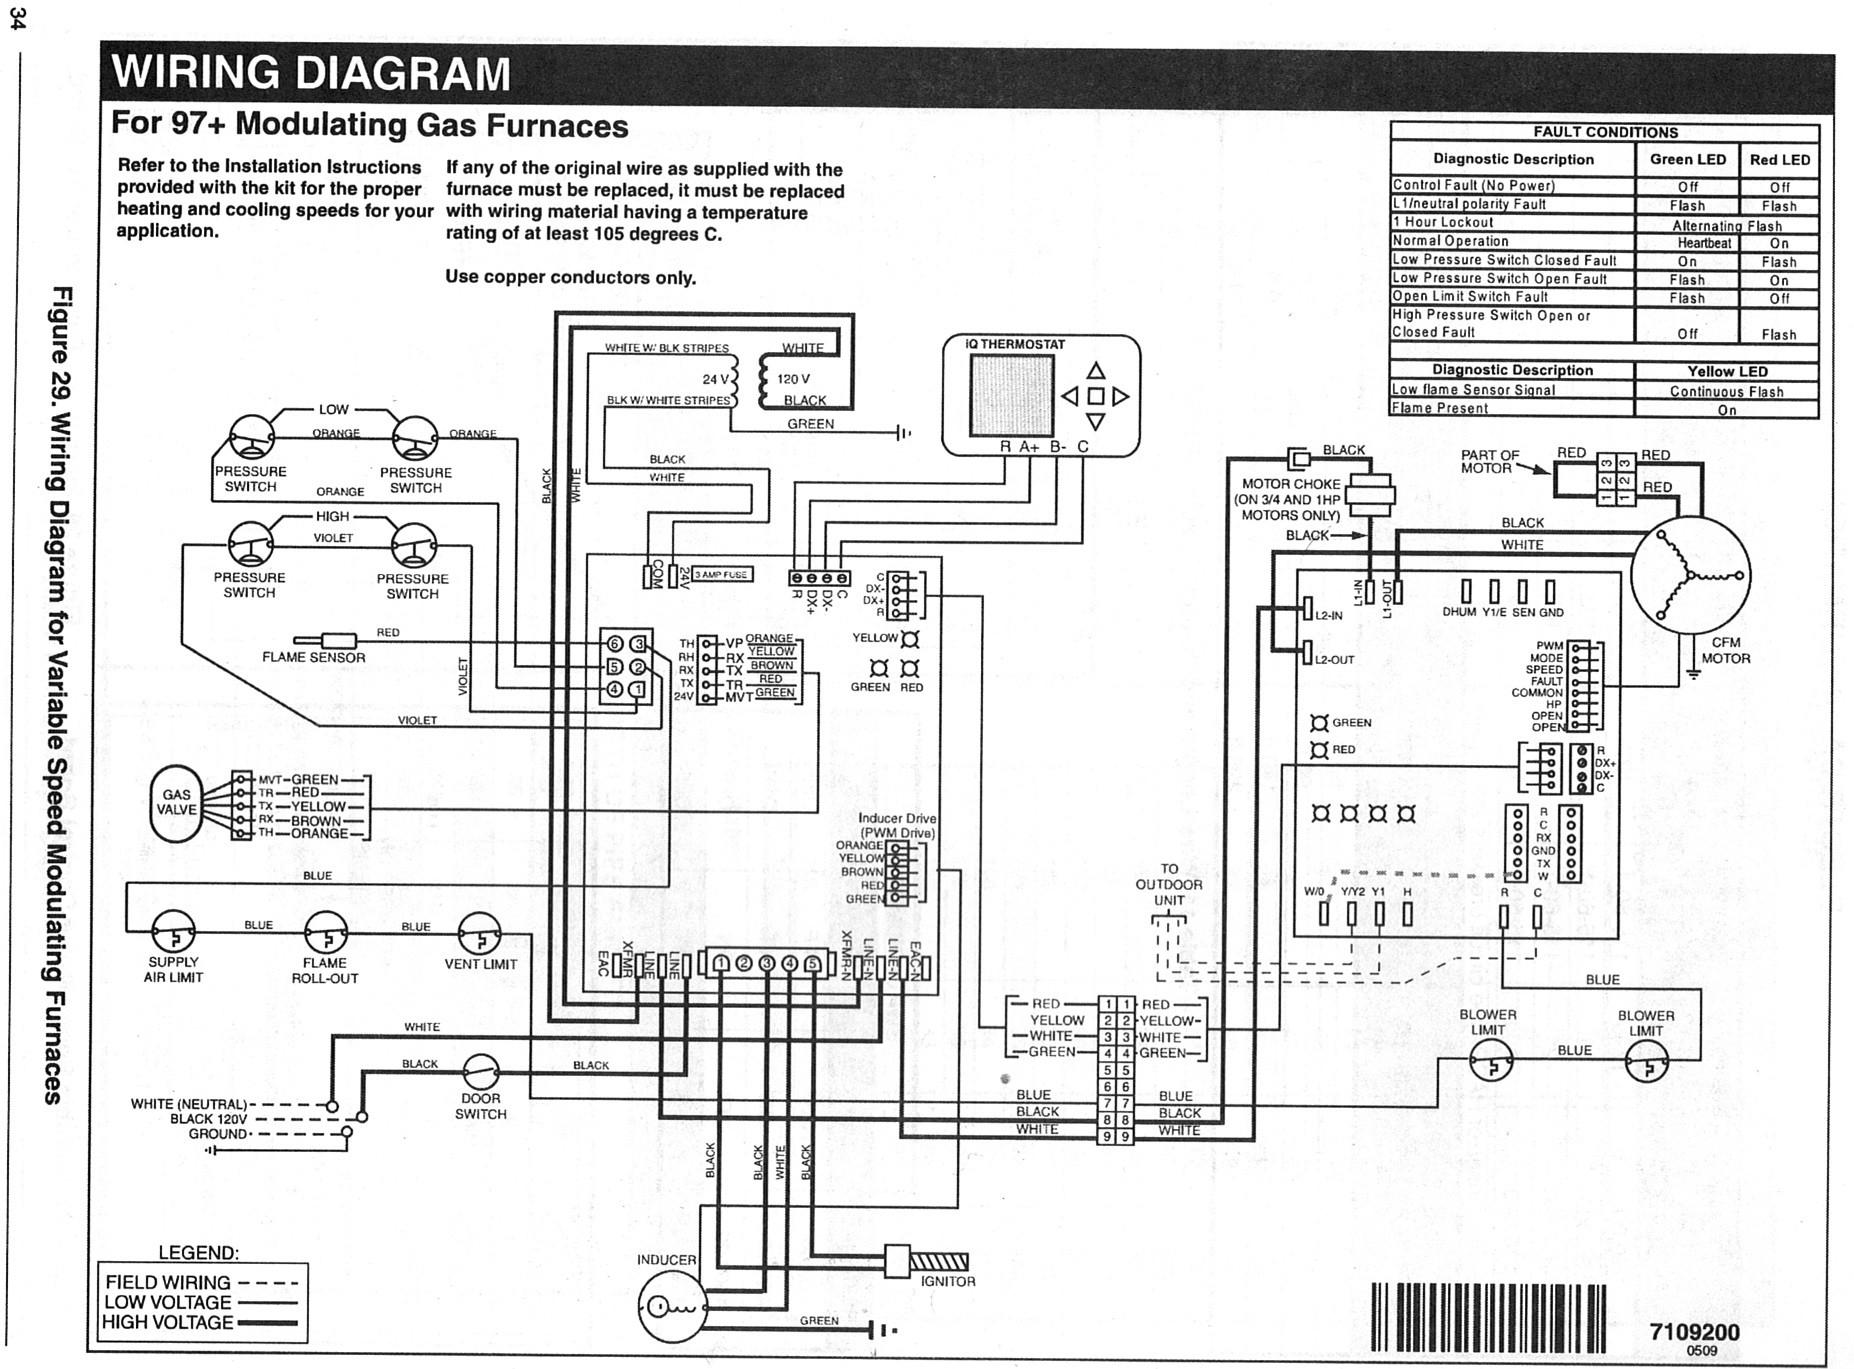 Ruud Heat Pump Wiring Diagram Stunning Heat Pump Wiring Diagram Schematic Ideas Everything You Of Ruud Heat Pump Wiring Diagram